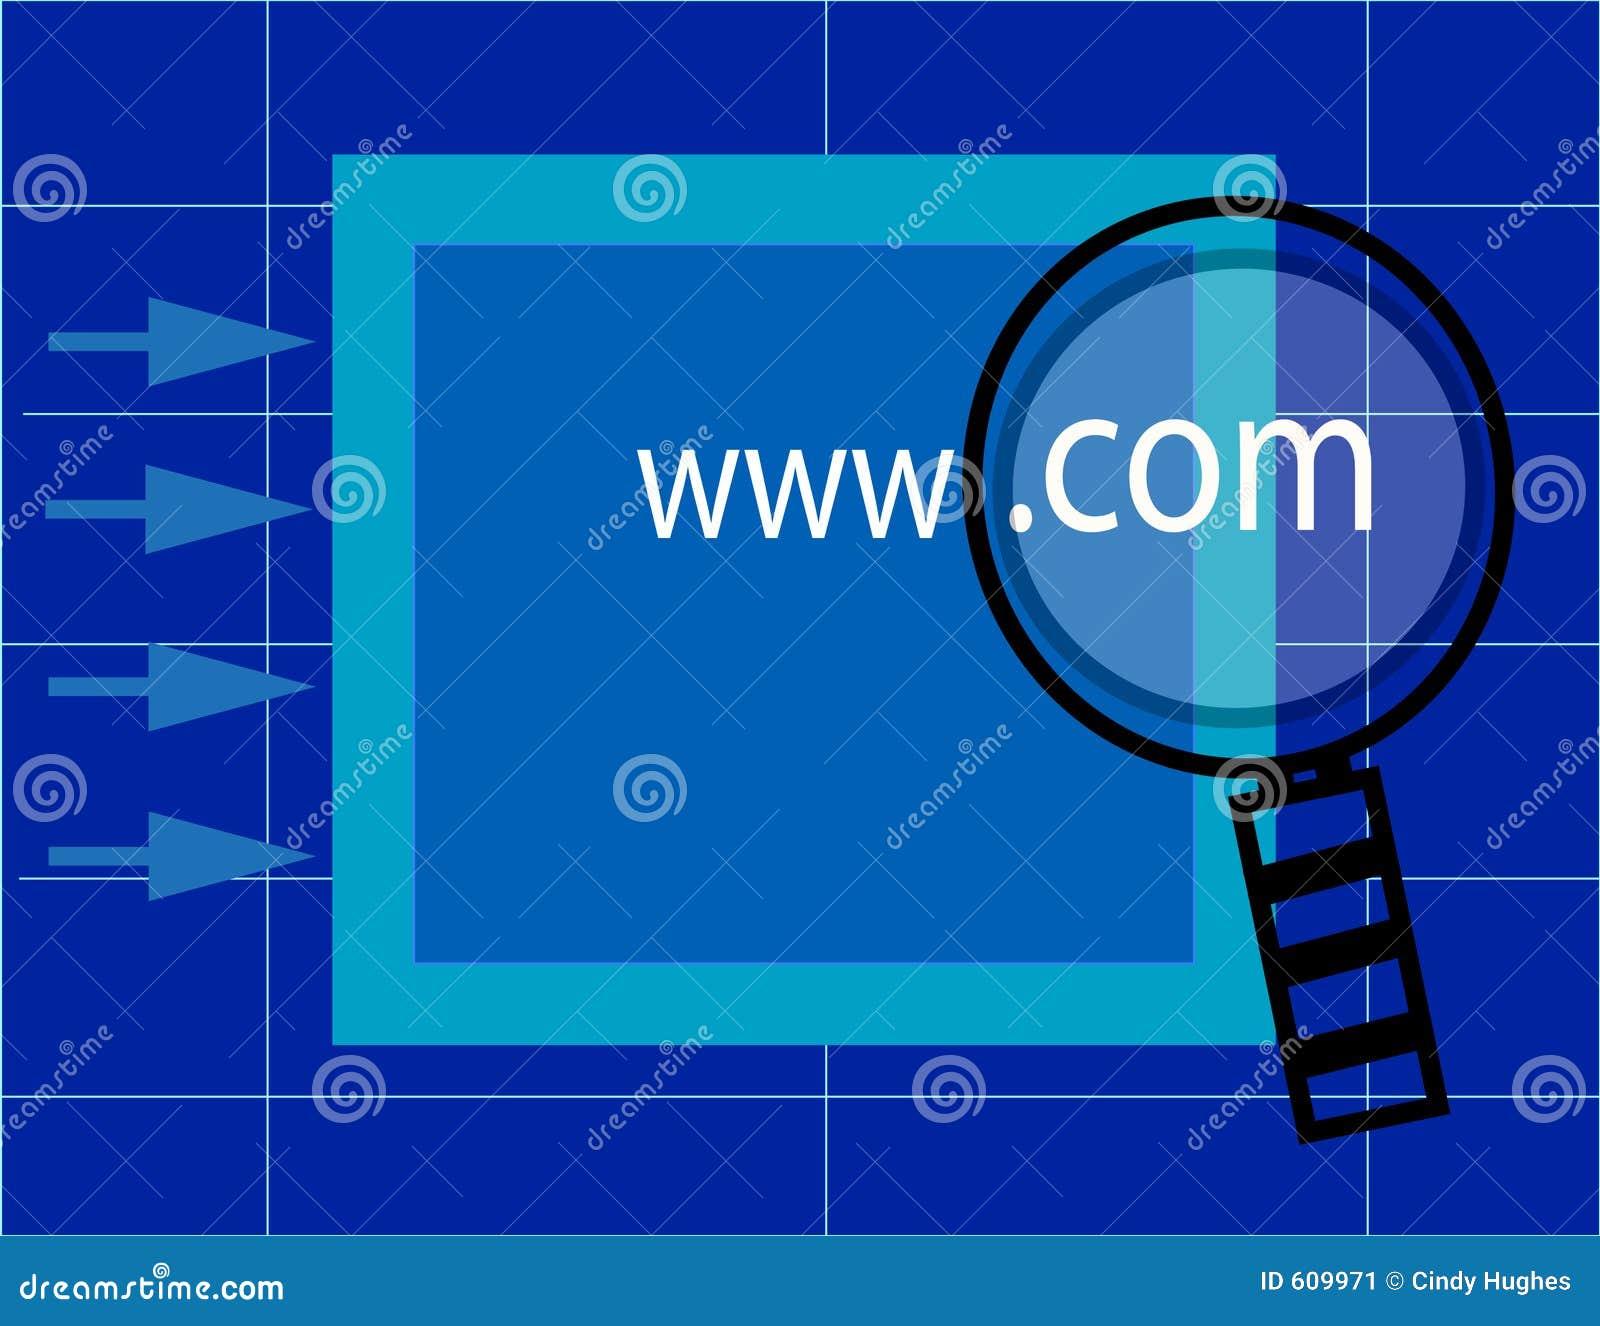 Www.com onderzoek